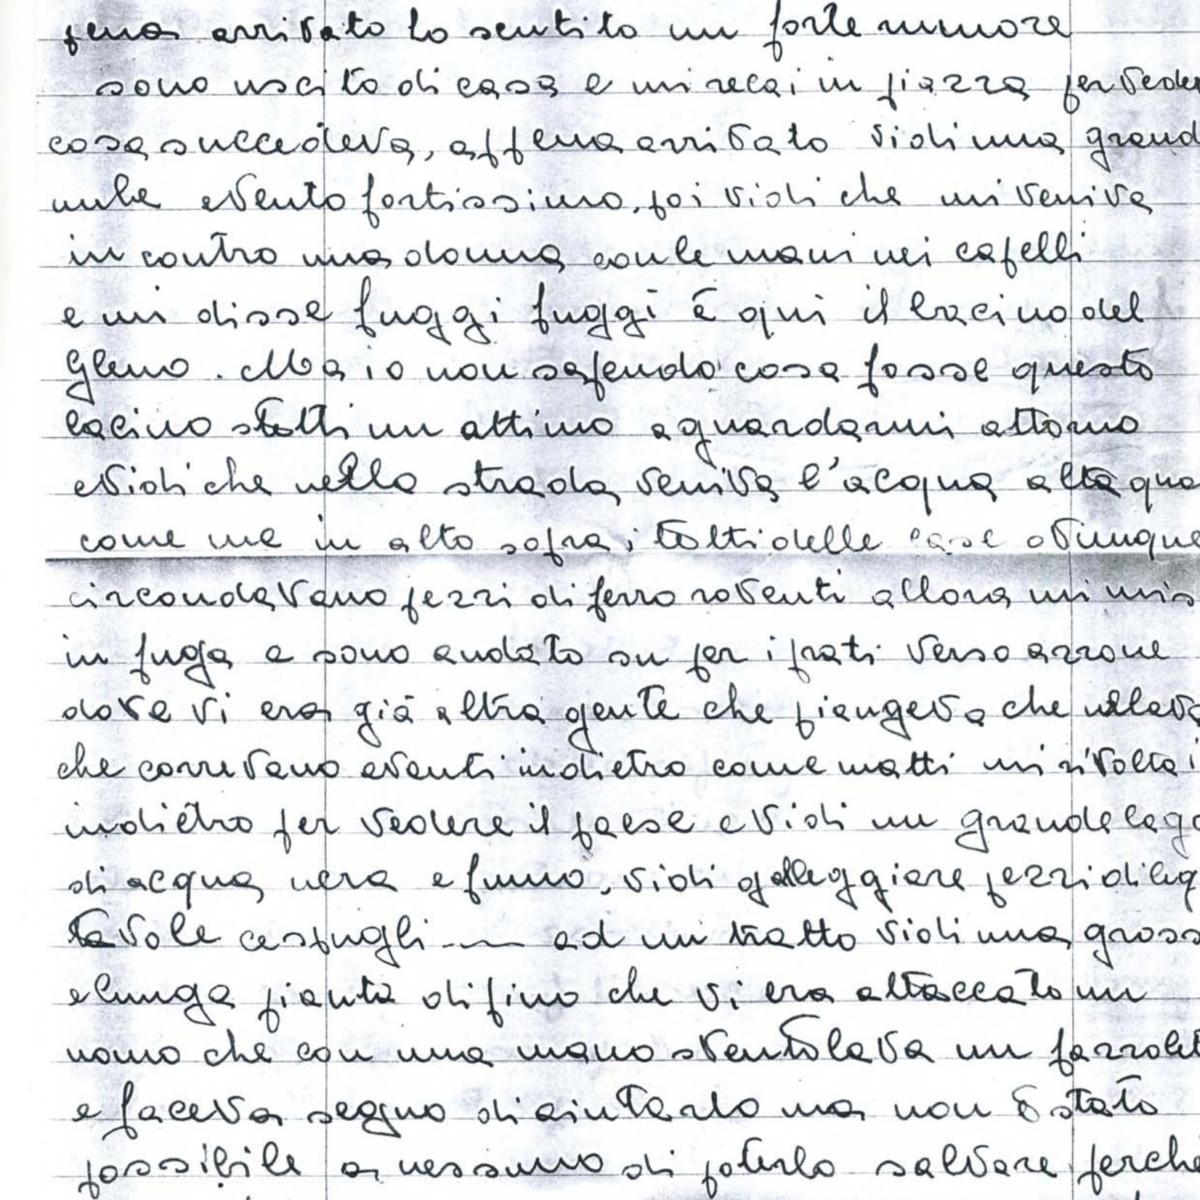 Lettera di Allegris Amadio_01